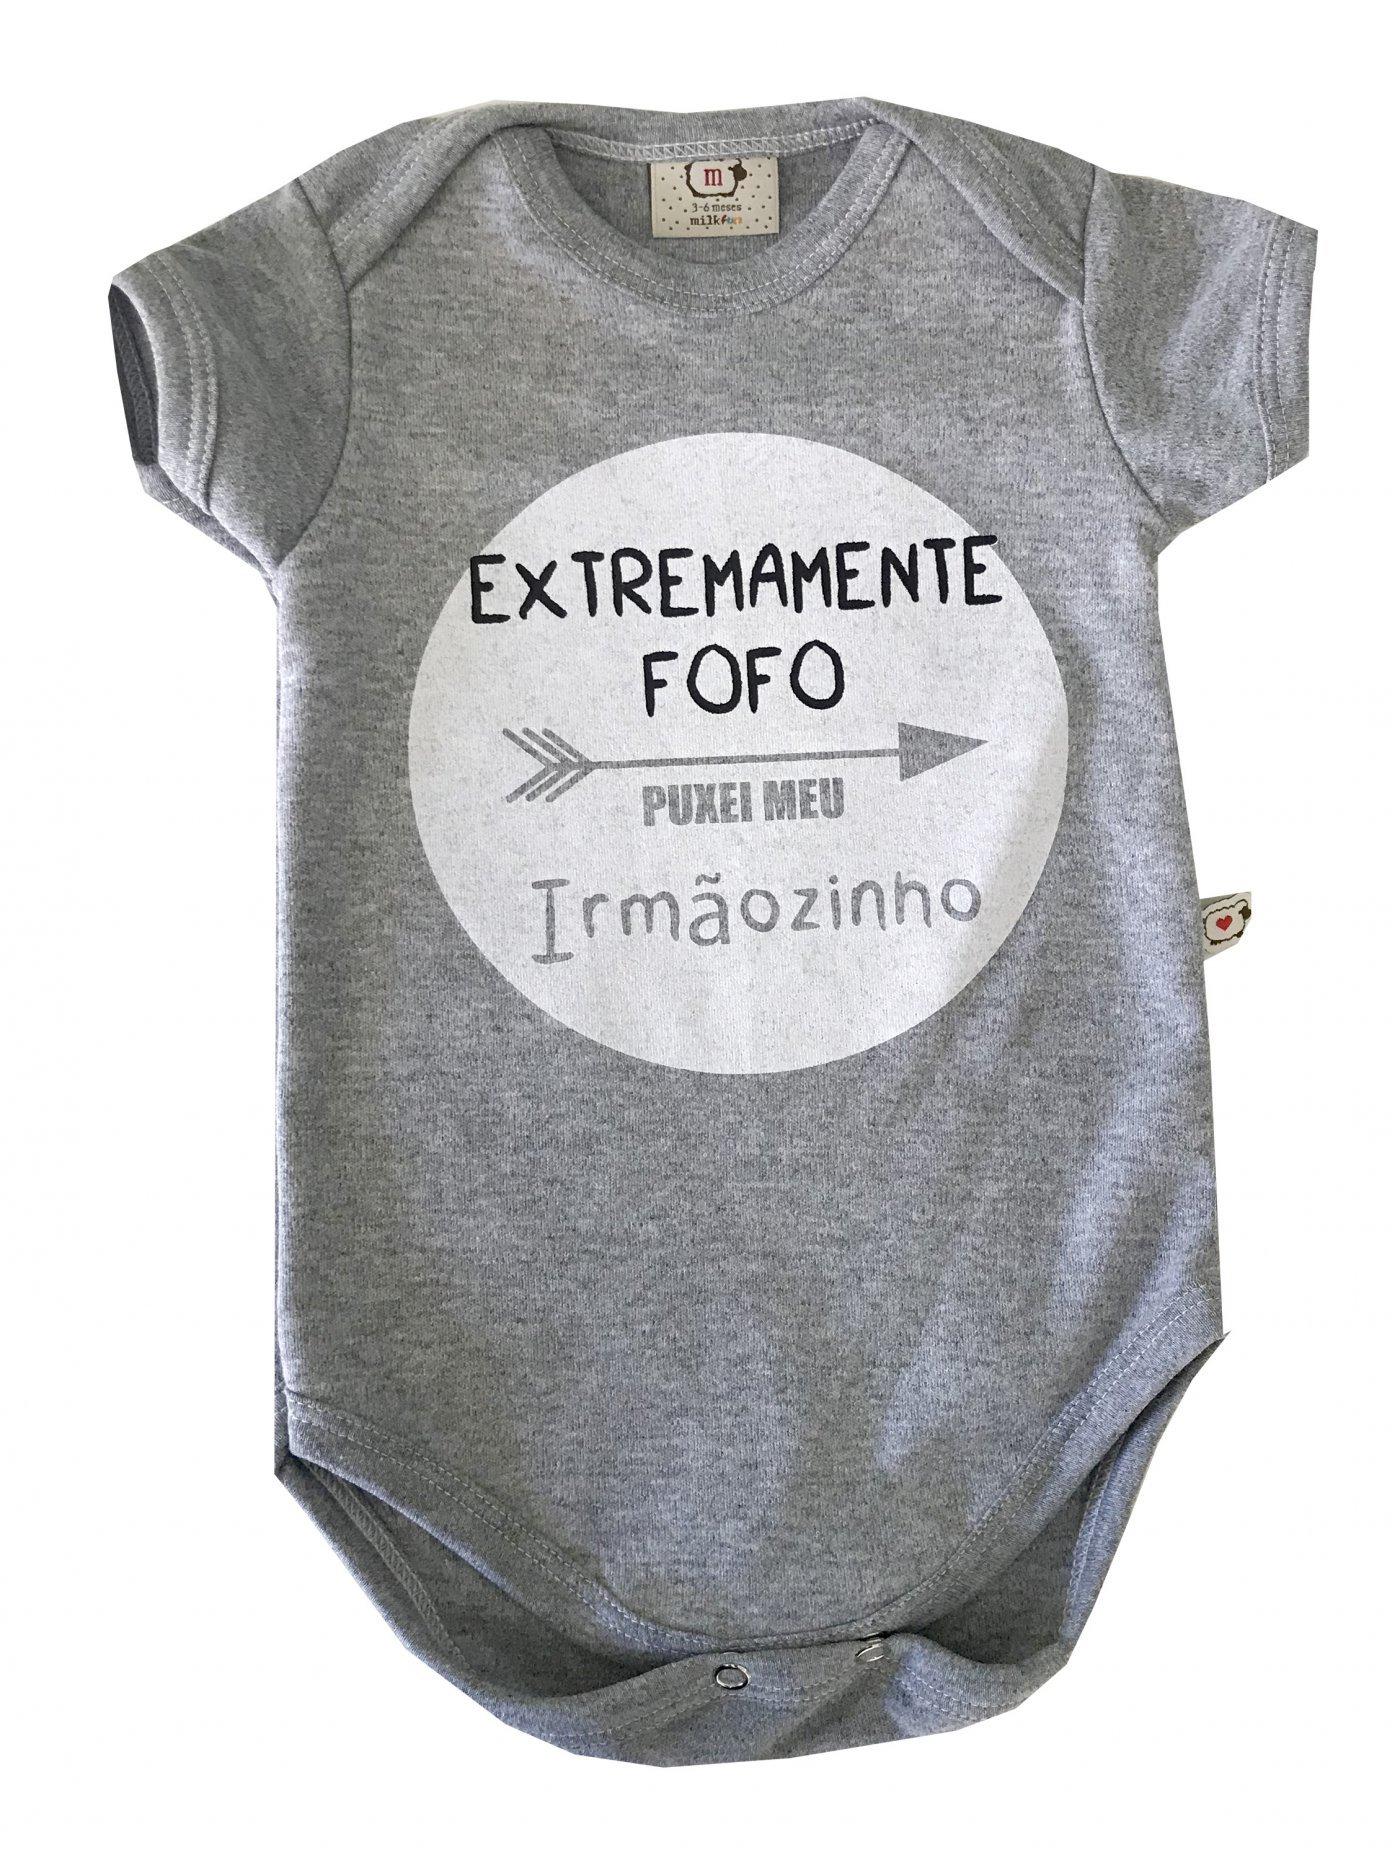 bODY EXTREMAMENTE FOFO PUXEI MINHA IRMAZINHO